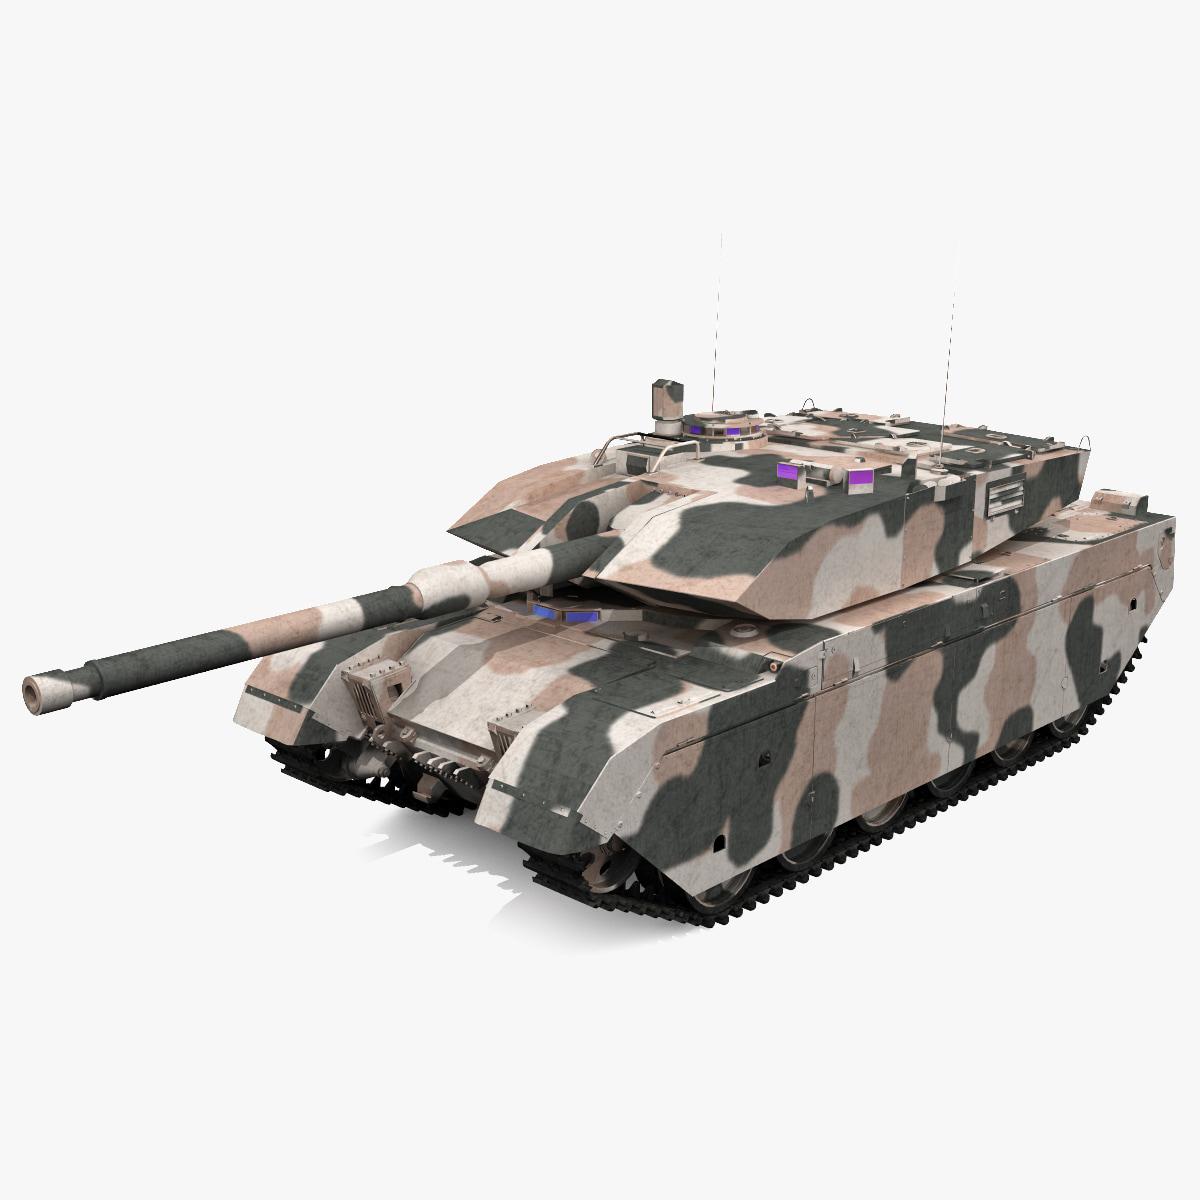 Olifant_Mk1B_Battle_Tank_00.jpg